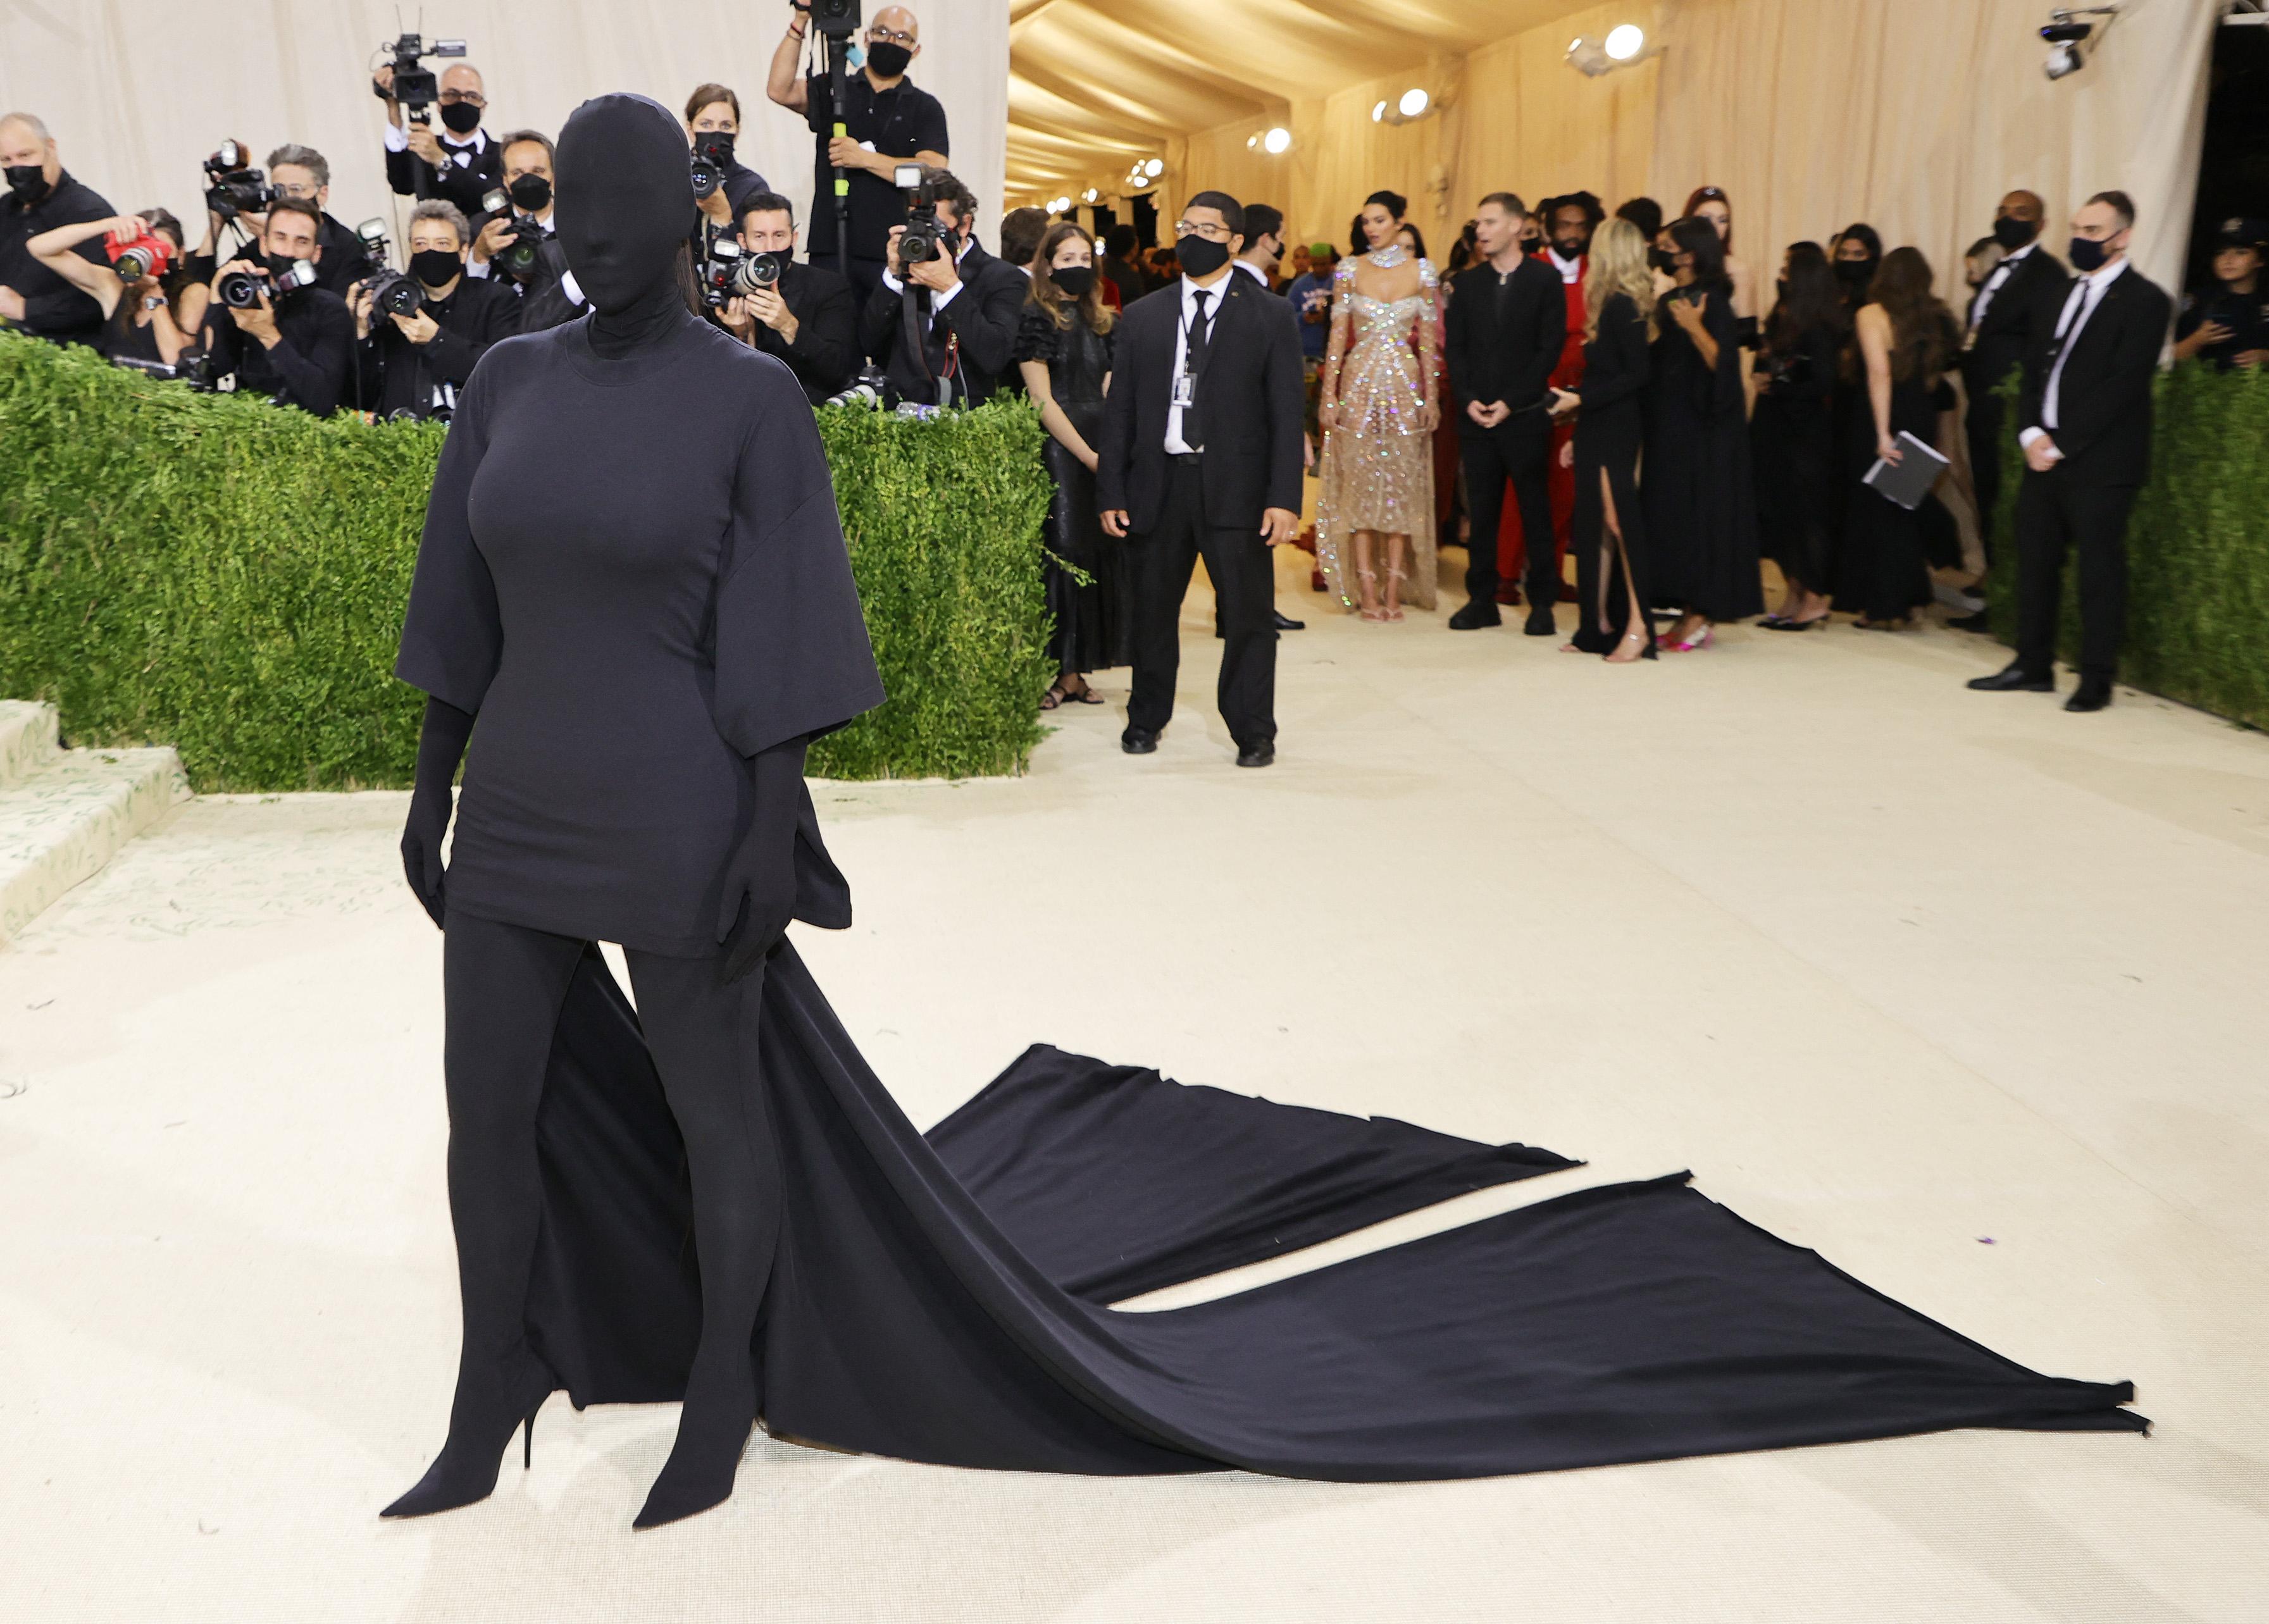 Megint megtartották a kiváltságosok jelmezbálját, Kim Kardashian pedig komolyan vette a járványhelyzetet